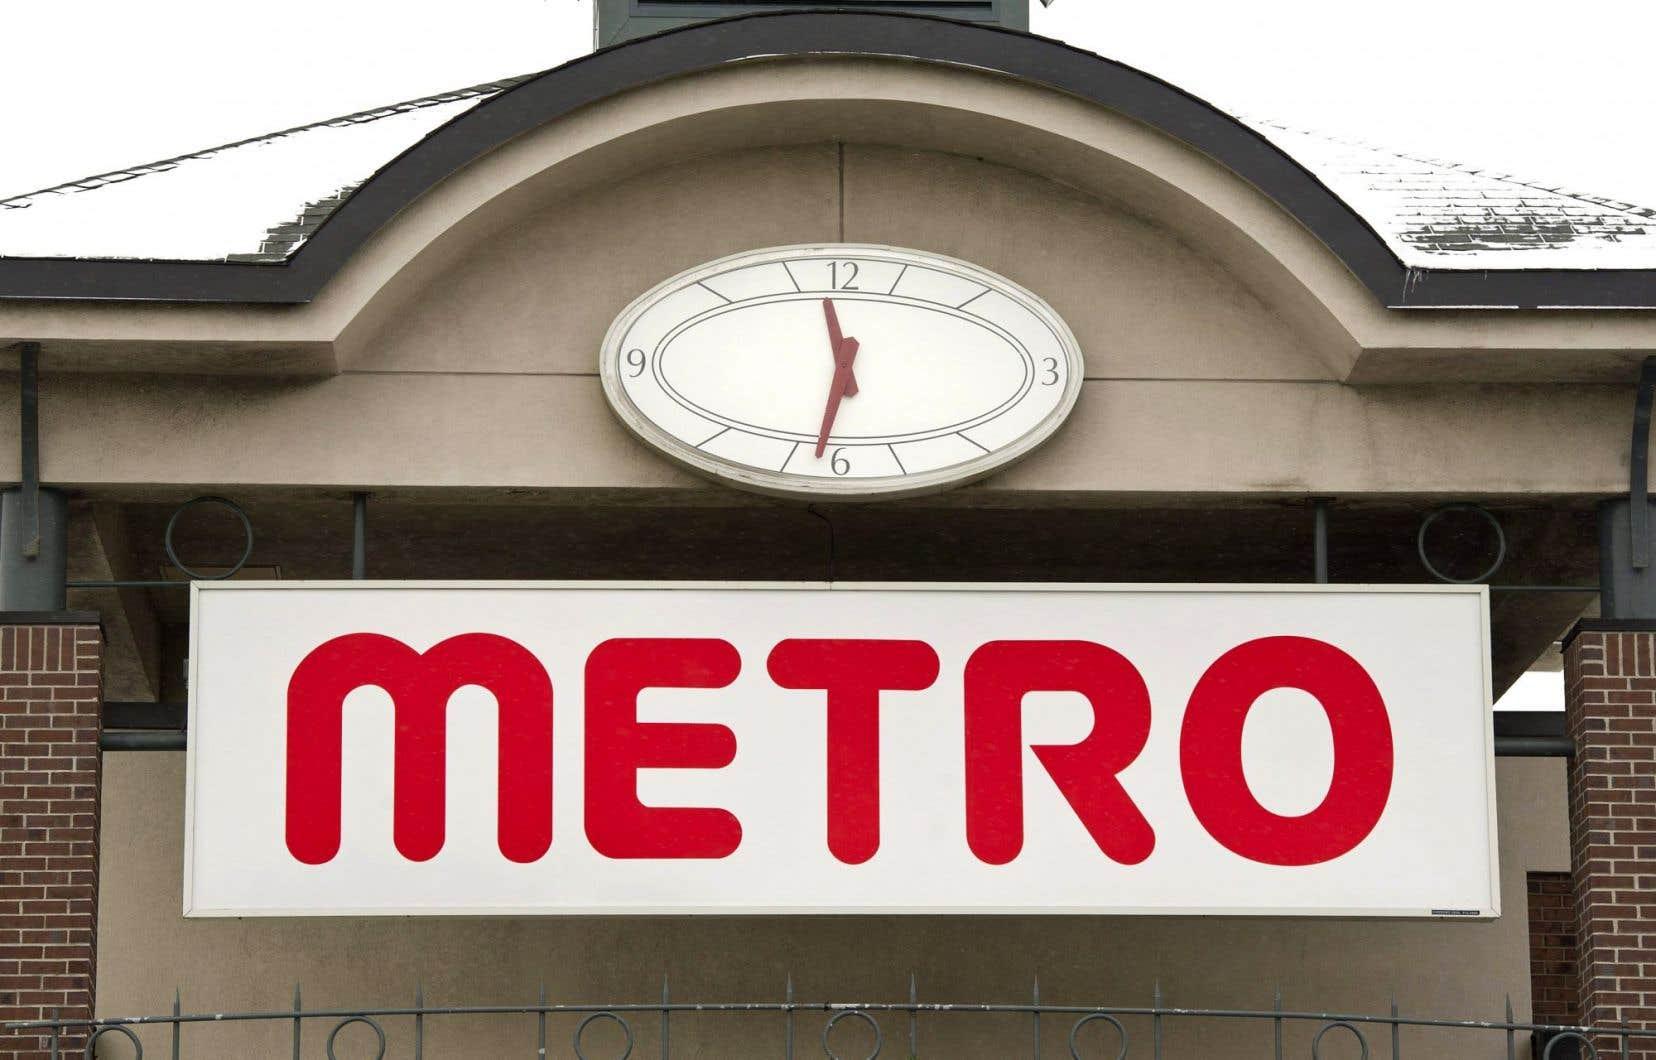 En moyenne, Metro injecte annuellement 250 millions dans son réseau. Pour l'exercice 2015, les investissements ont atteint 259 millions.